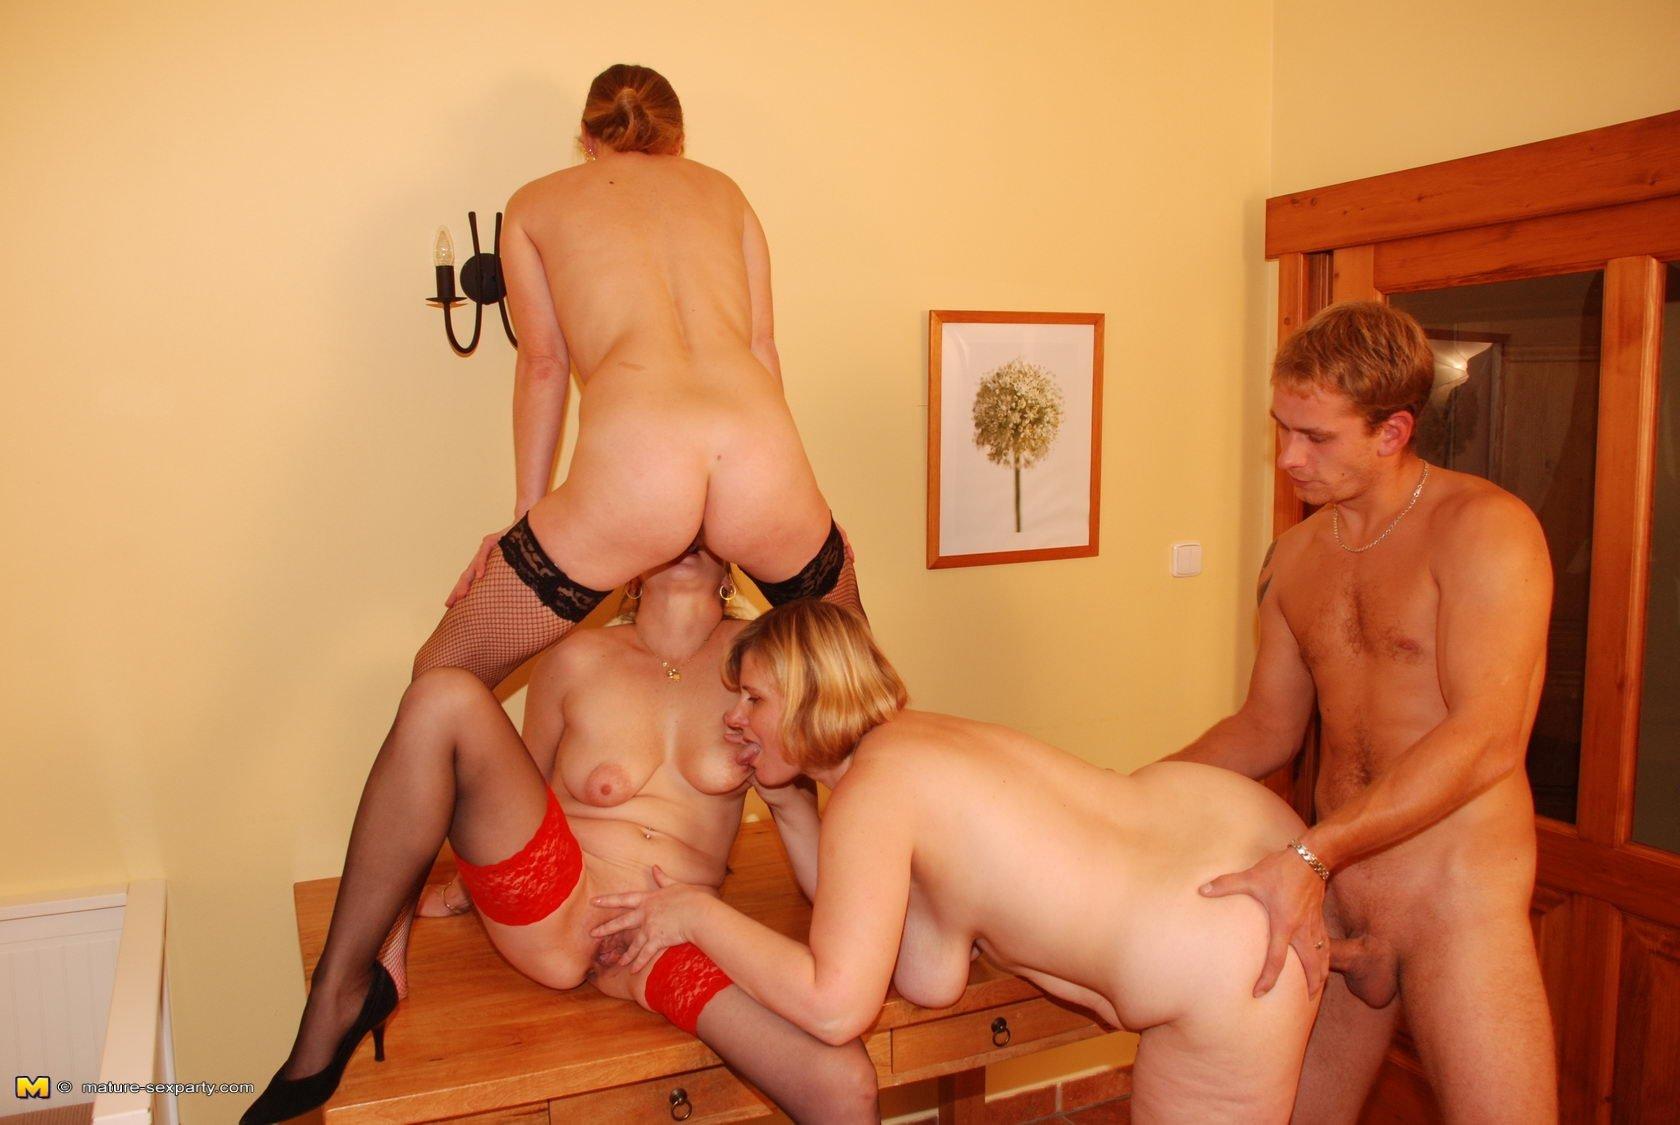 Кончил посмотреть реальное порно со зрелыми дамами секса профессионалов голд